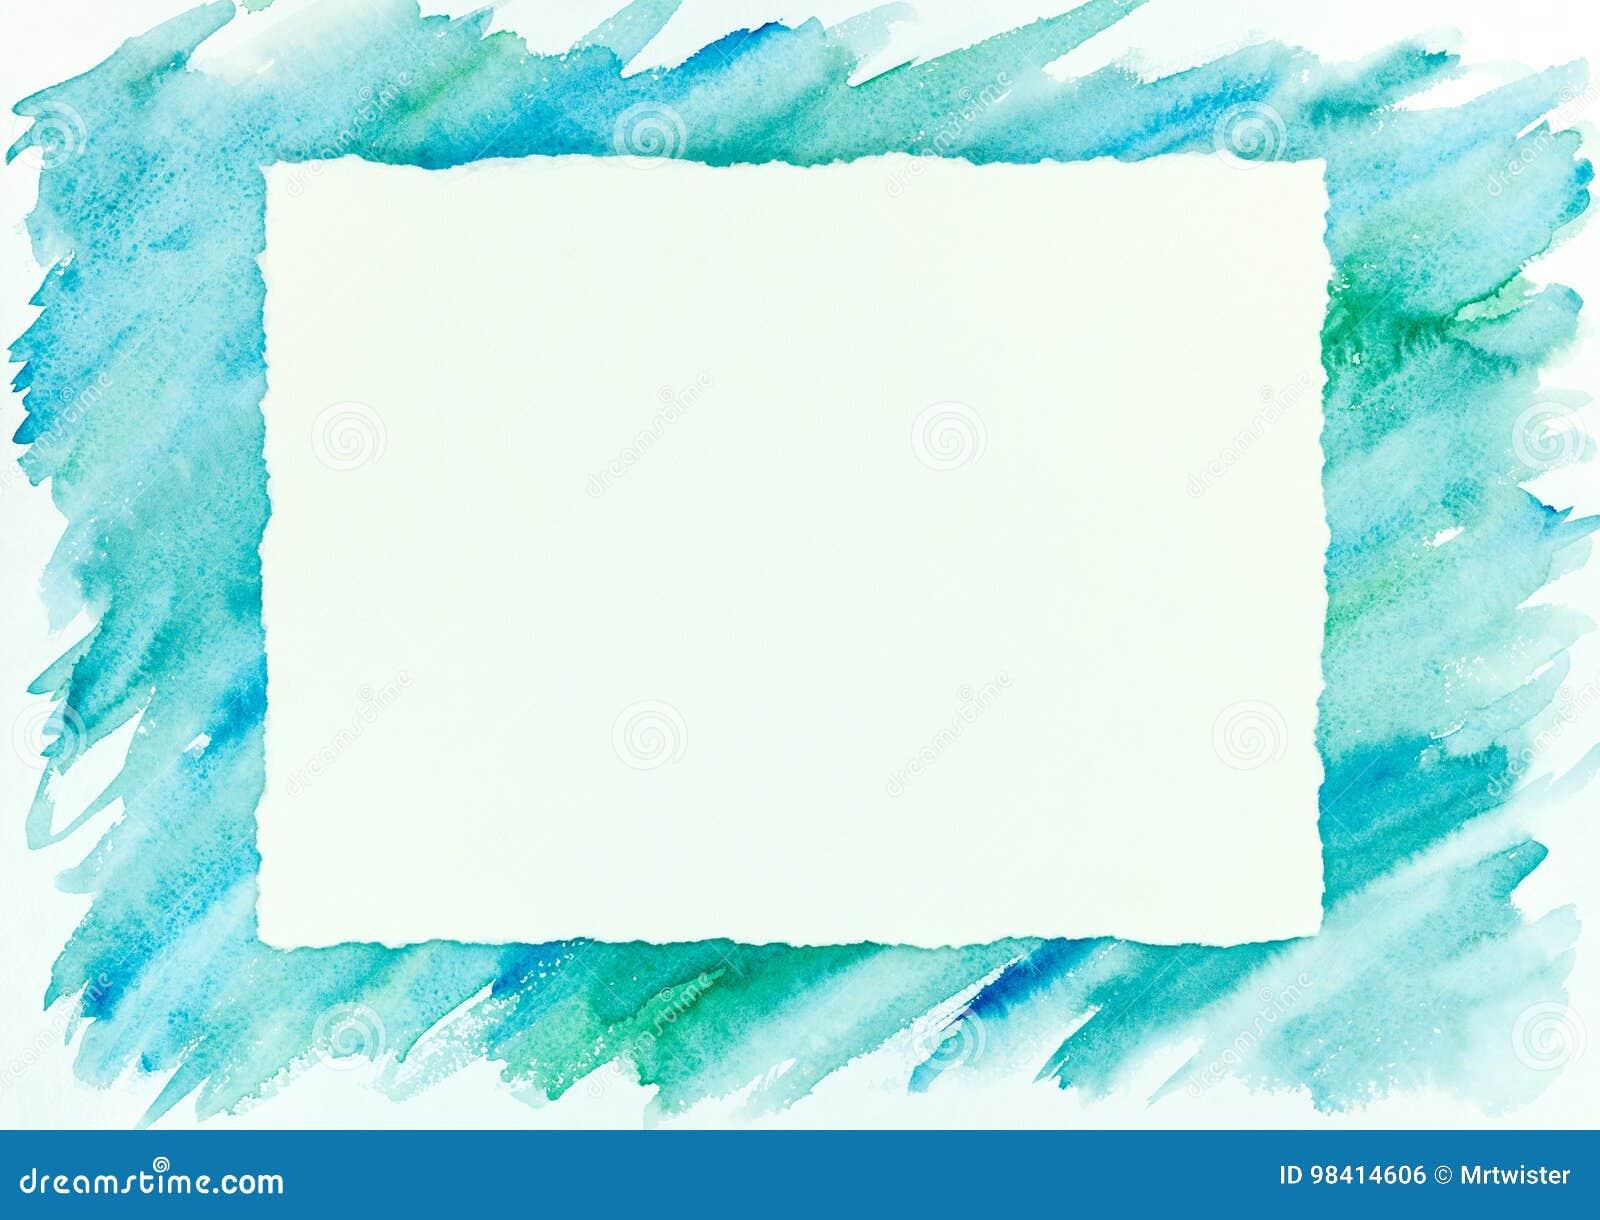 Atractivo Marco De Imagen De Movimiento Ilustración - Ideas de Arte ...